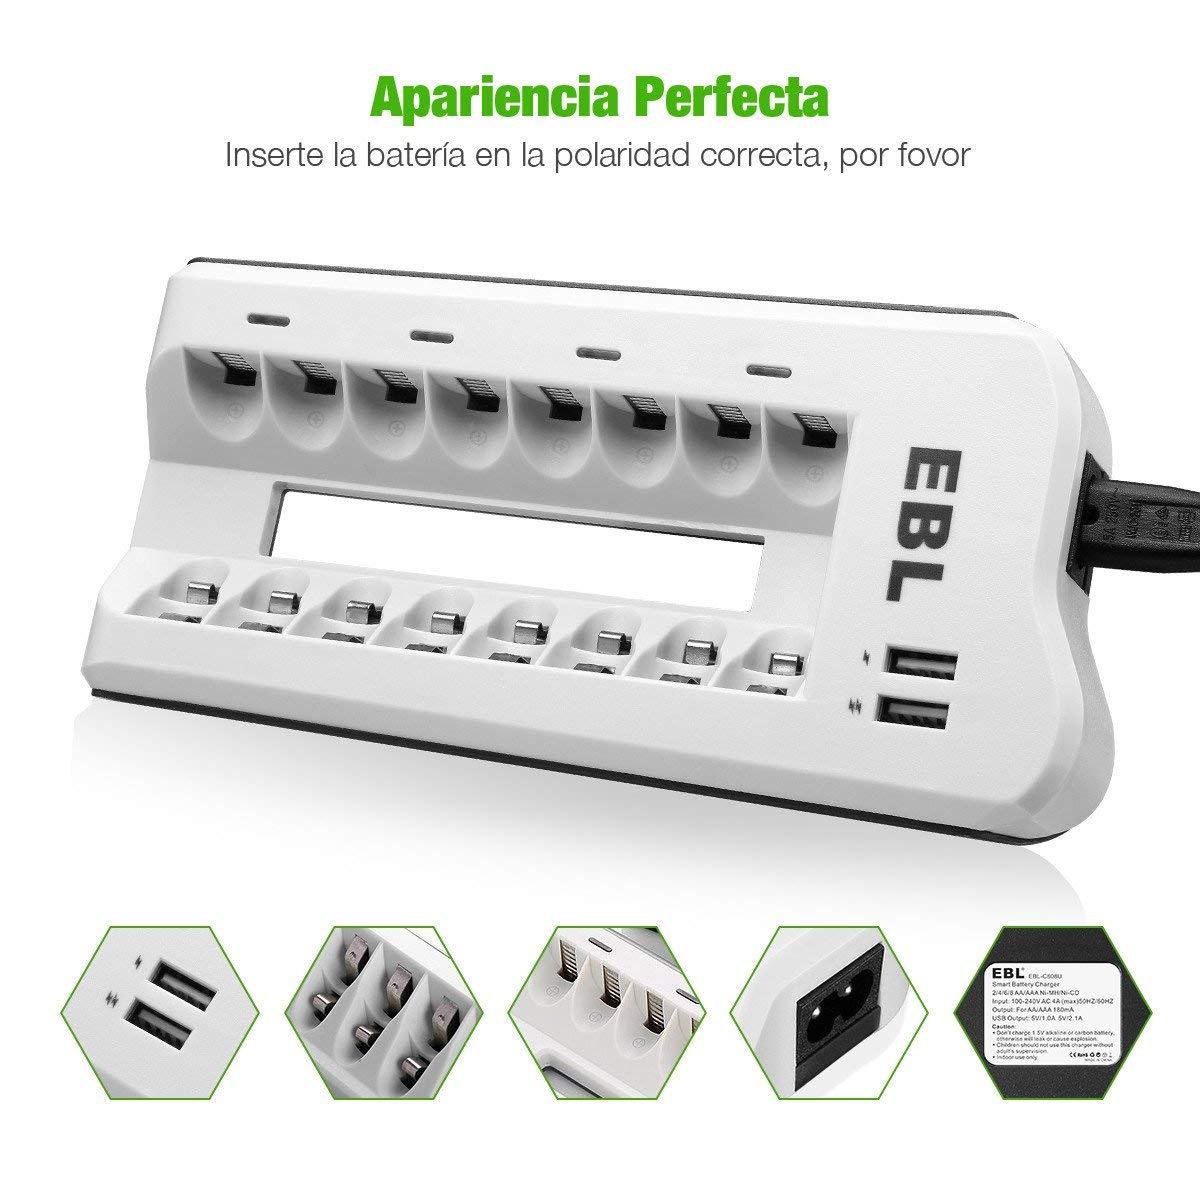 EBL 808U Cargador de AA, AAA Baterías con AA 2800mAh (4 Unidades) y AAA 1100mAh (4 Unidades) Ni-MH Pilas Recargables